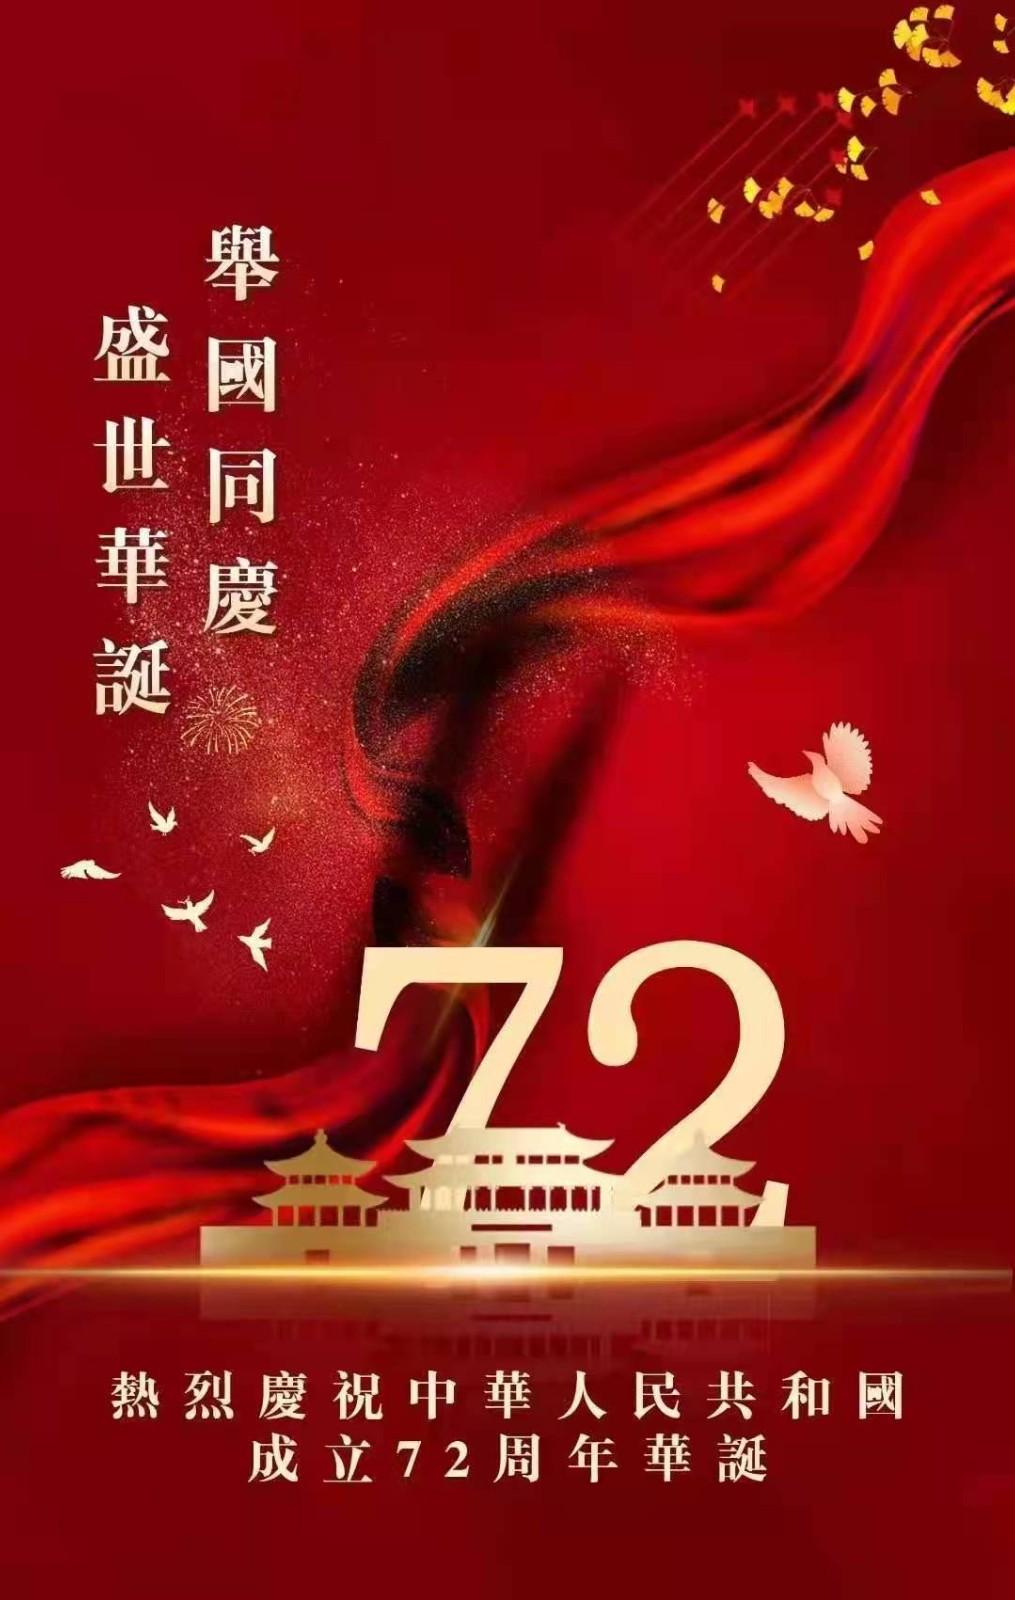 美东闽籍社团庆祝中华人民共和国成立72周年活动拉开帷幕_图1-15